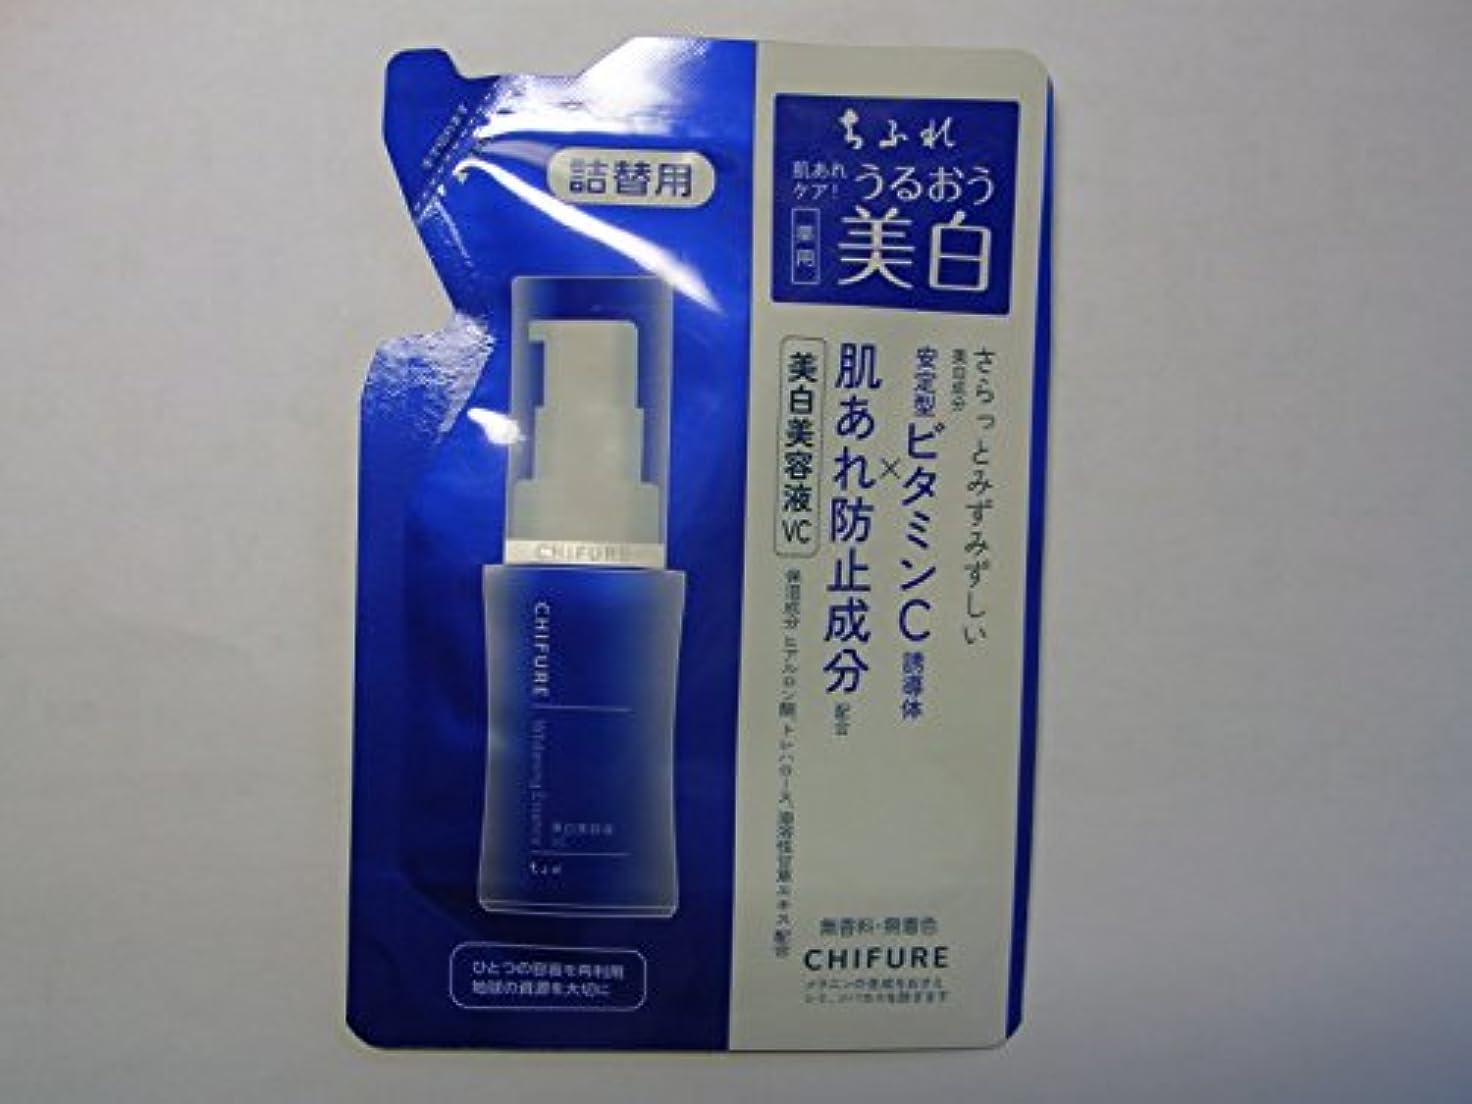 プラットフォーム消費する合併症ちふれ化粧品 美白美容液 VC 詰替 30ML (医薬部外品)